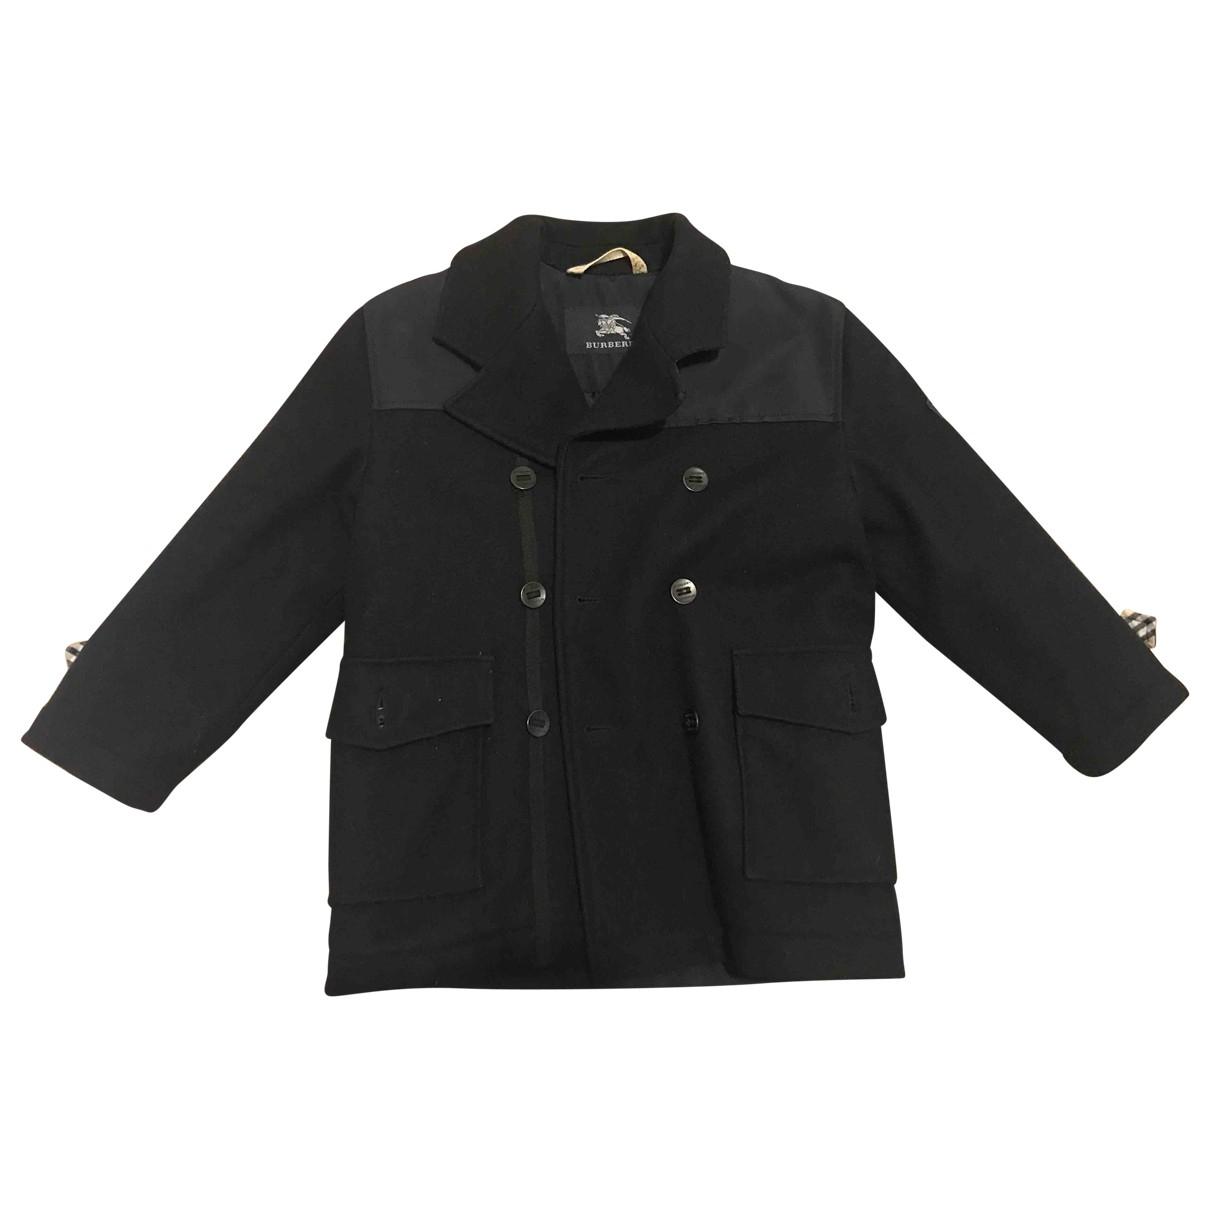 Burberry - Blousons.Manteaux   pour enfant en laine - marine